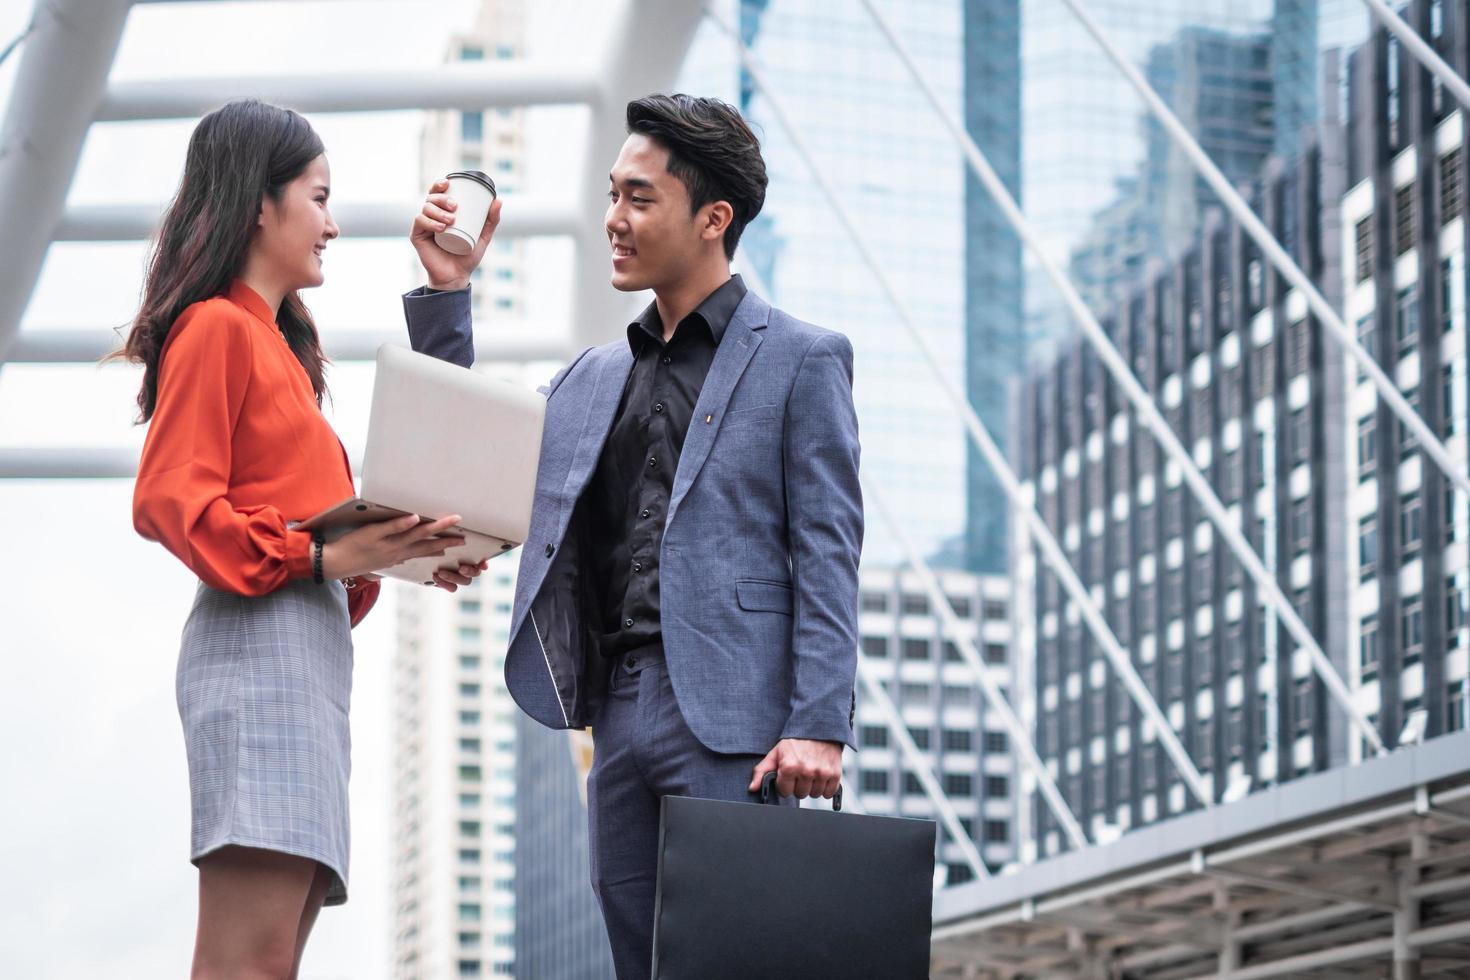 twee zakenmensen verzamelen zich buiten hun kantoor foto